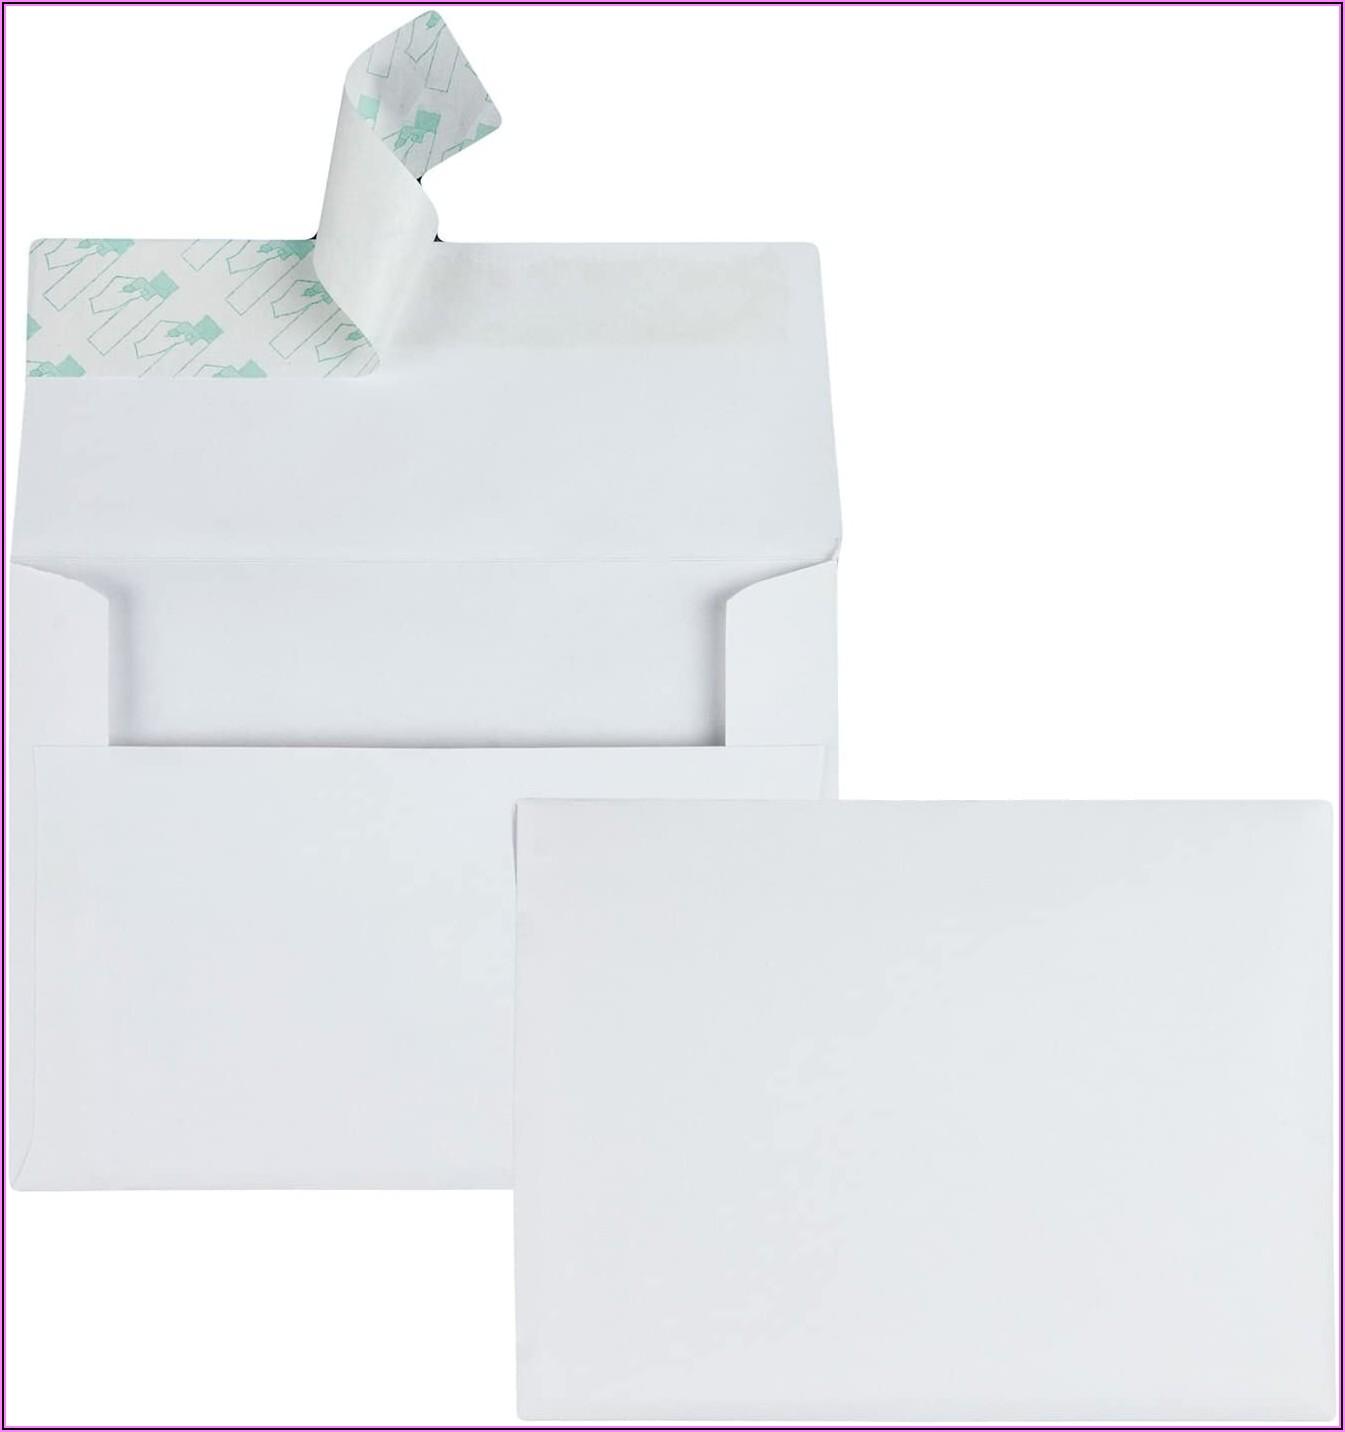 5x7 White Envelopes Office Depot